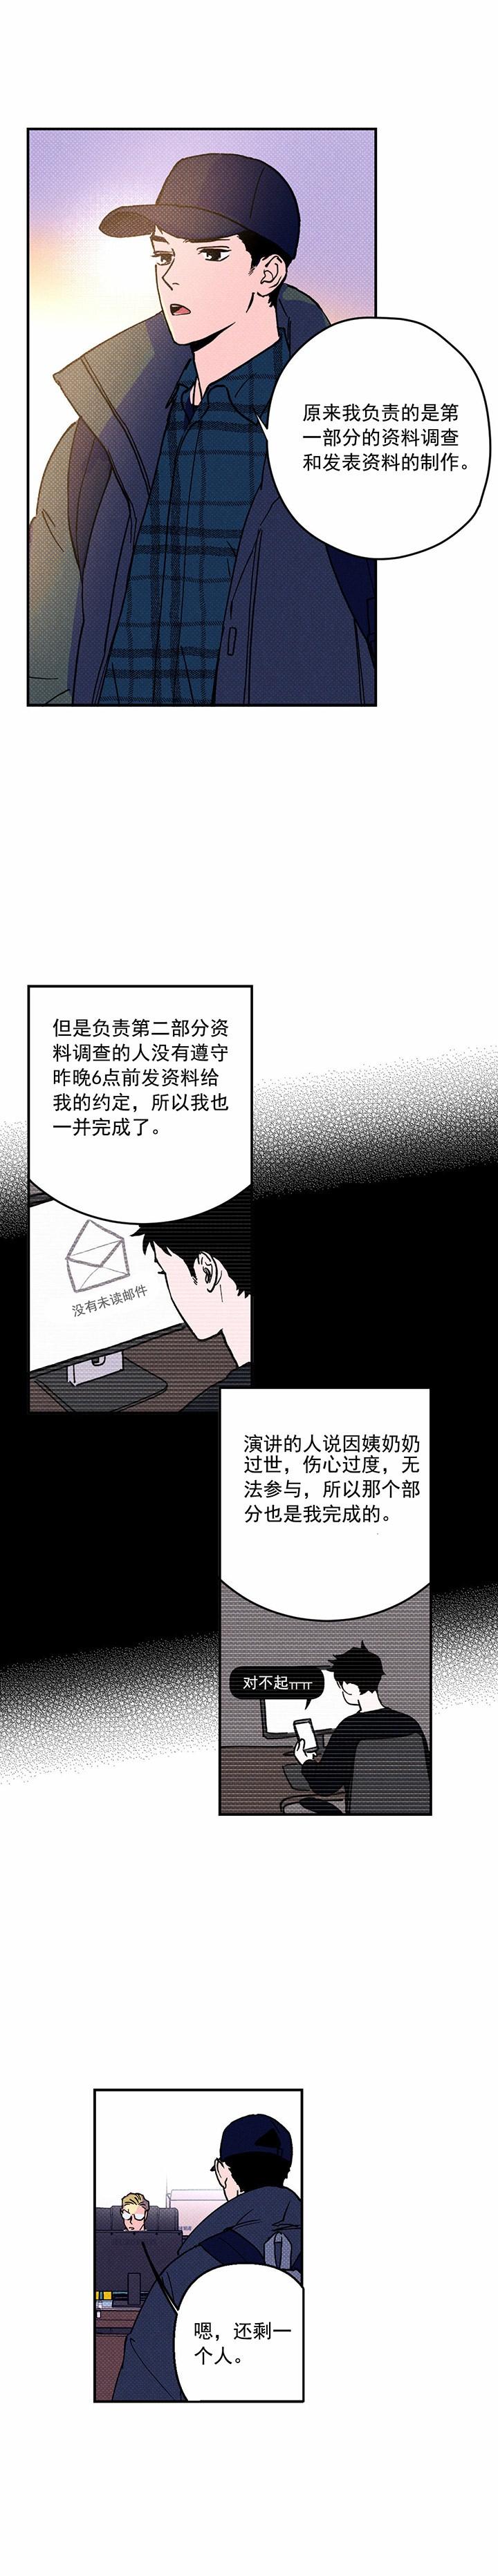 《校草是我死对头》漫画免费全集,错误指令在线观看  第6张